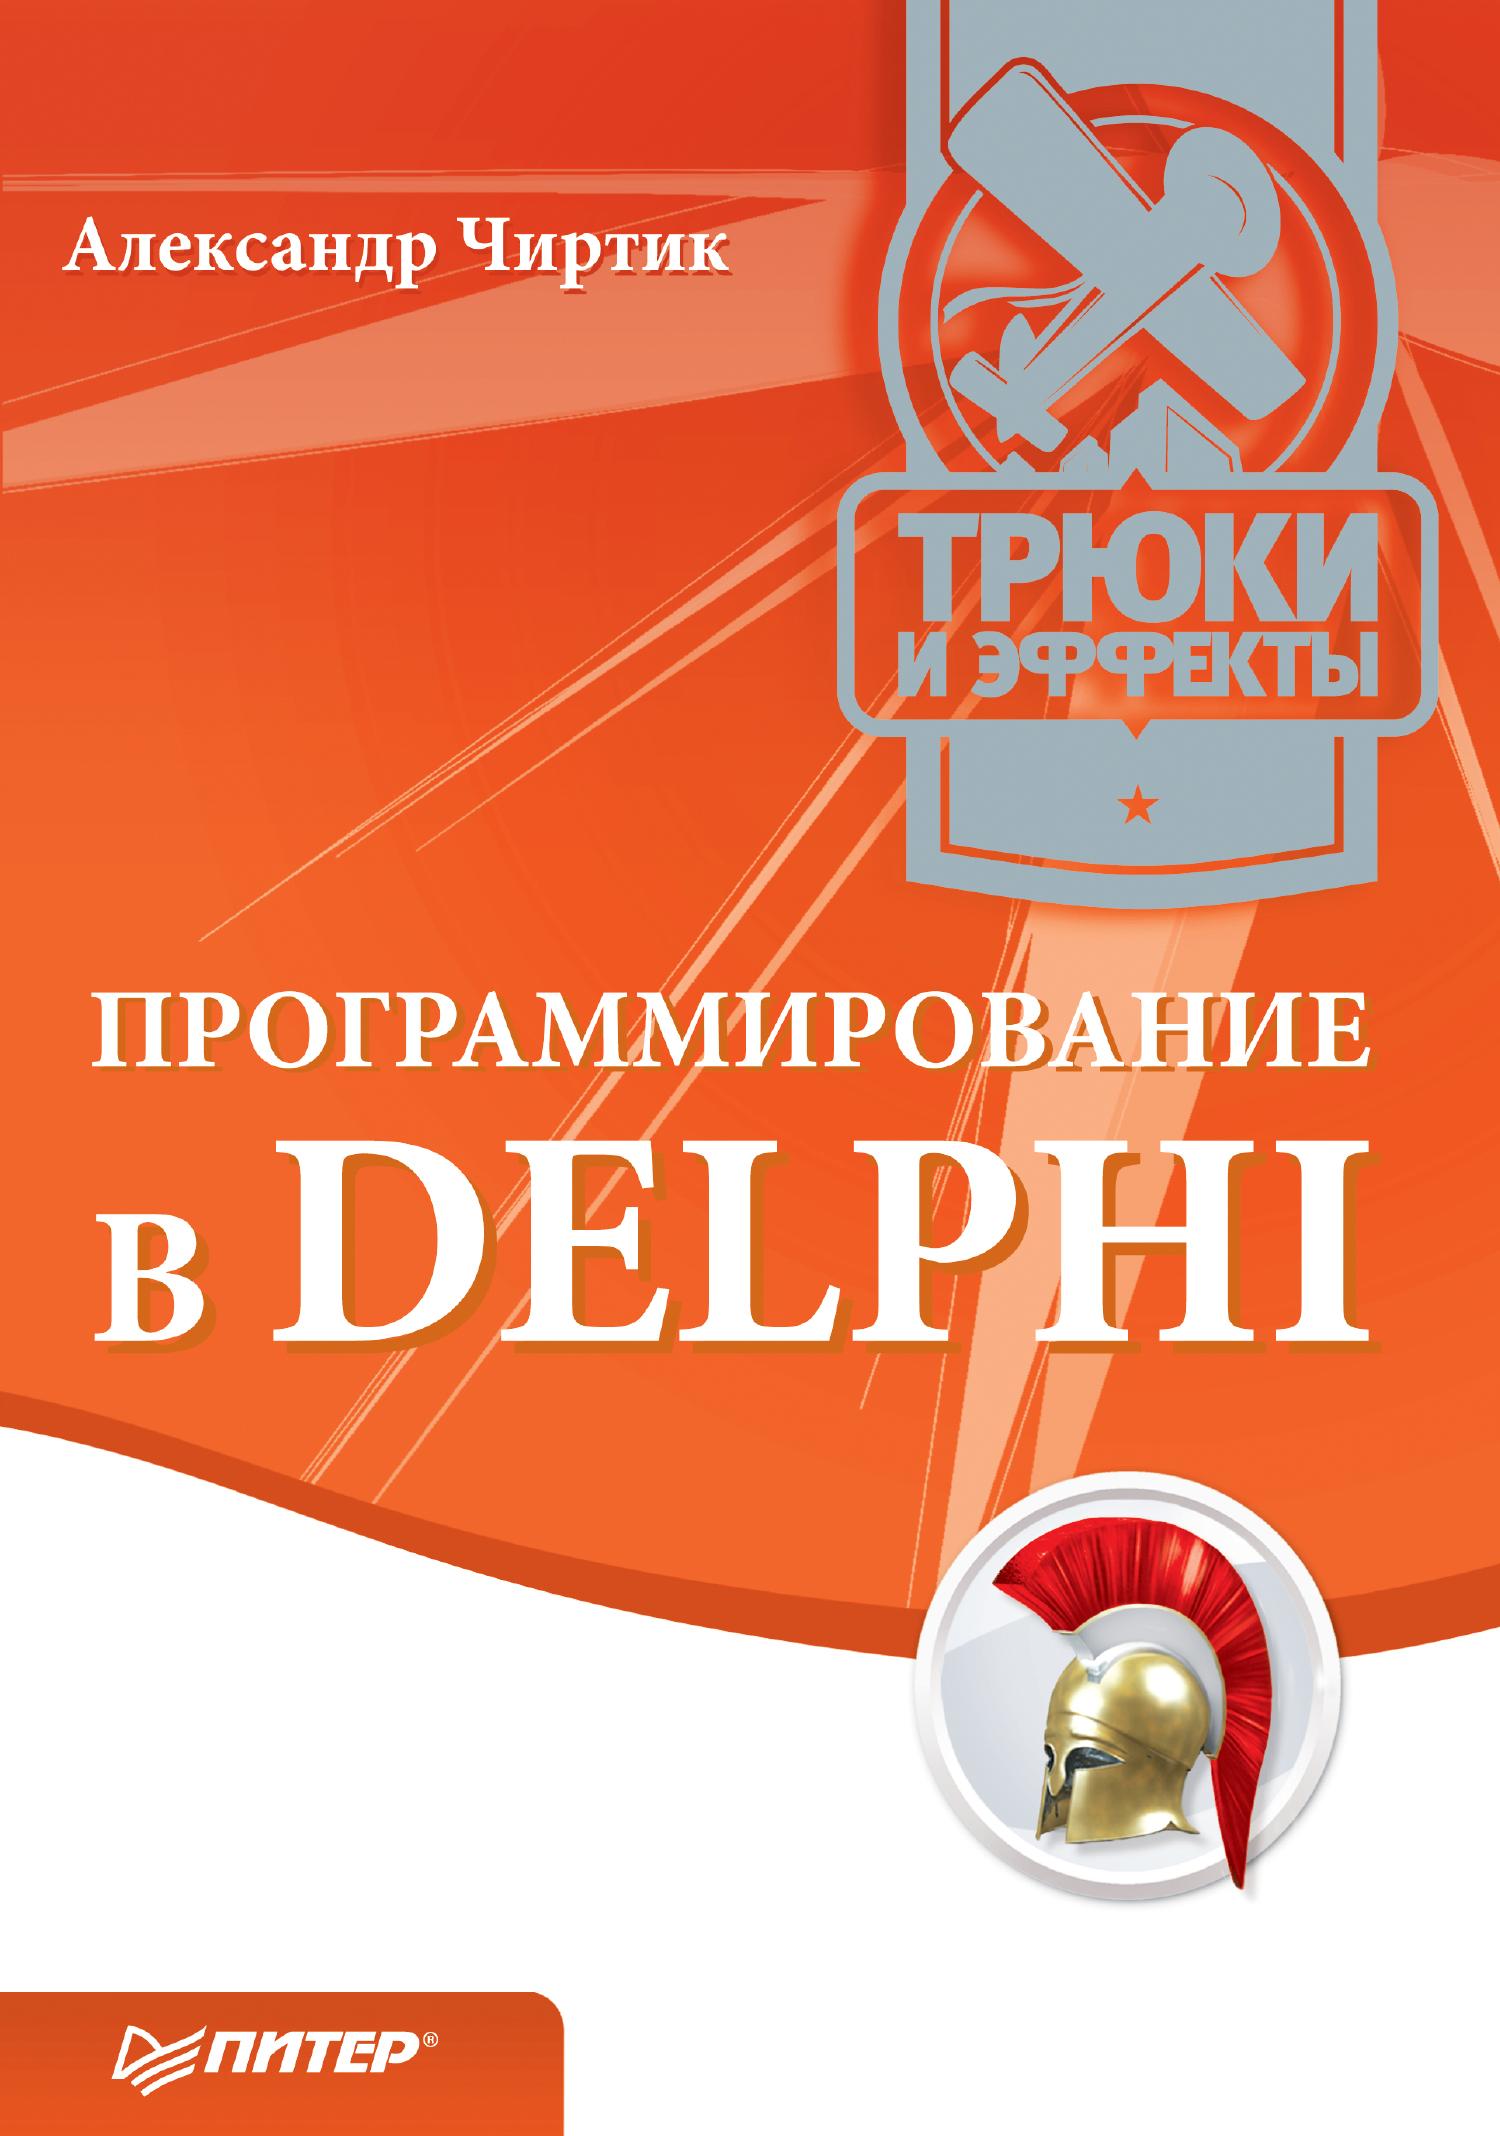 Александр Чиртик «Программирование в Delphi. Трюки и эффекты»